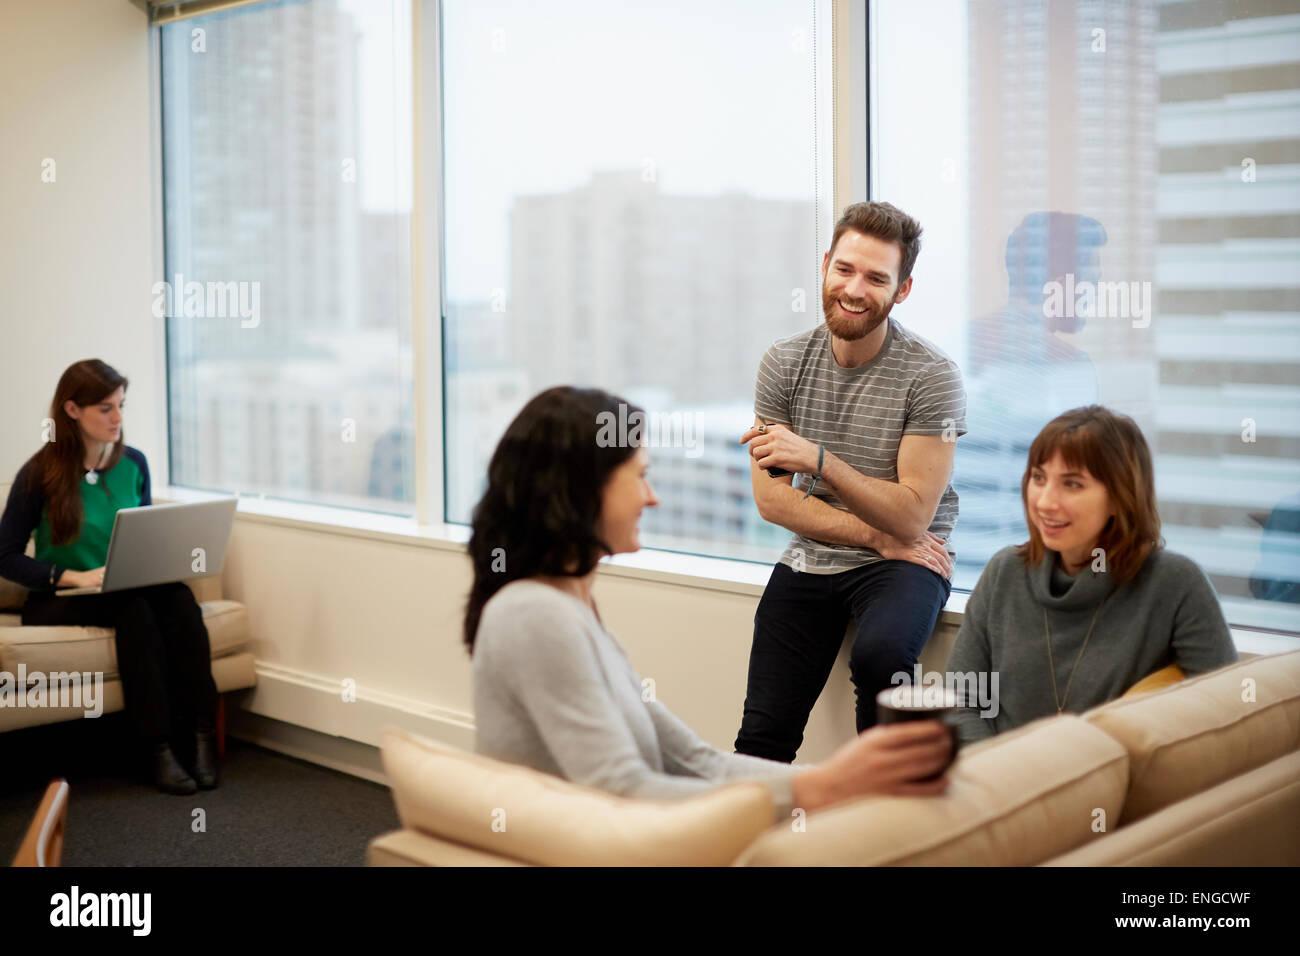 Tre persone da una finestra in un ufficio, due donne e un uomo. Immagini Stock